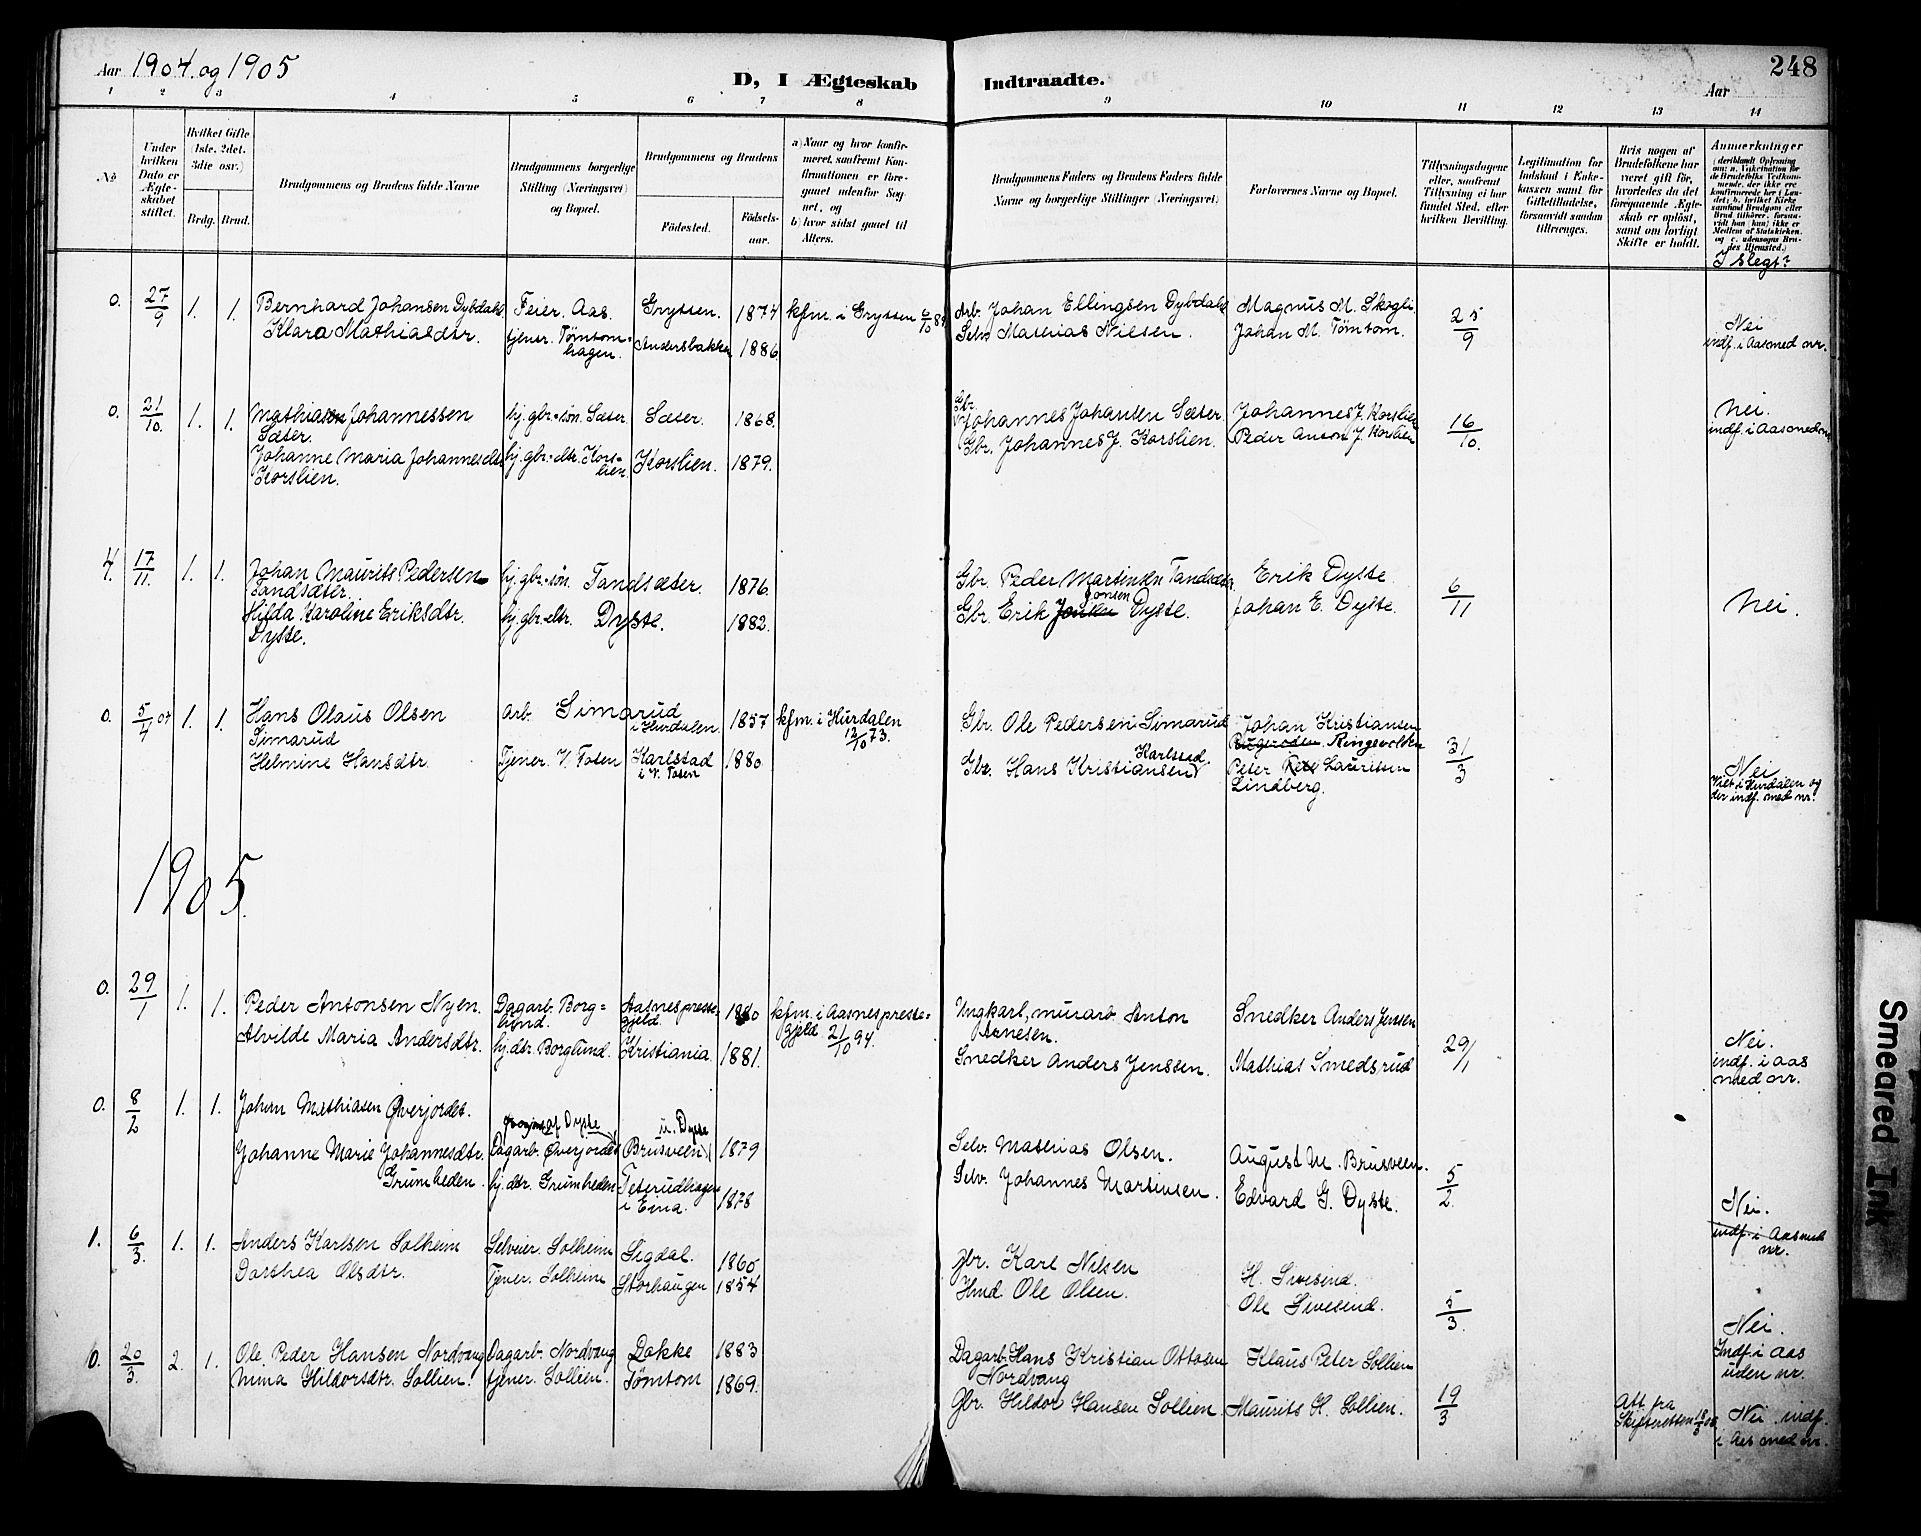 SAH, Vestre Toten prestekontor, Ministerialbok nr. 13, 1895-1911, s. 248